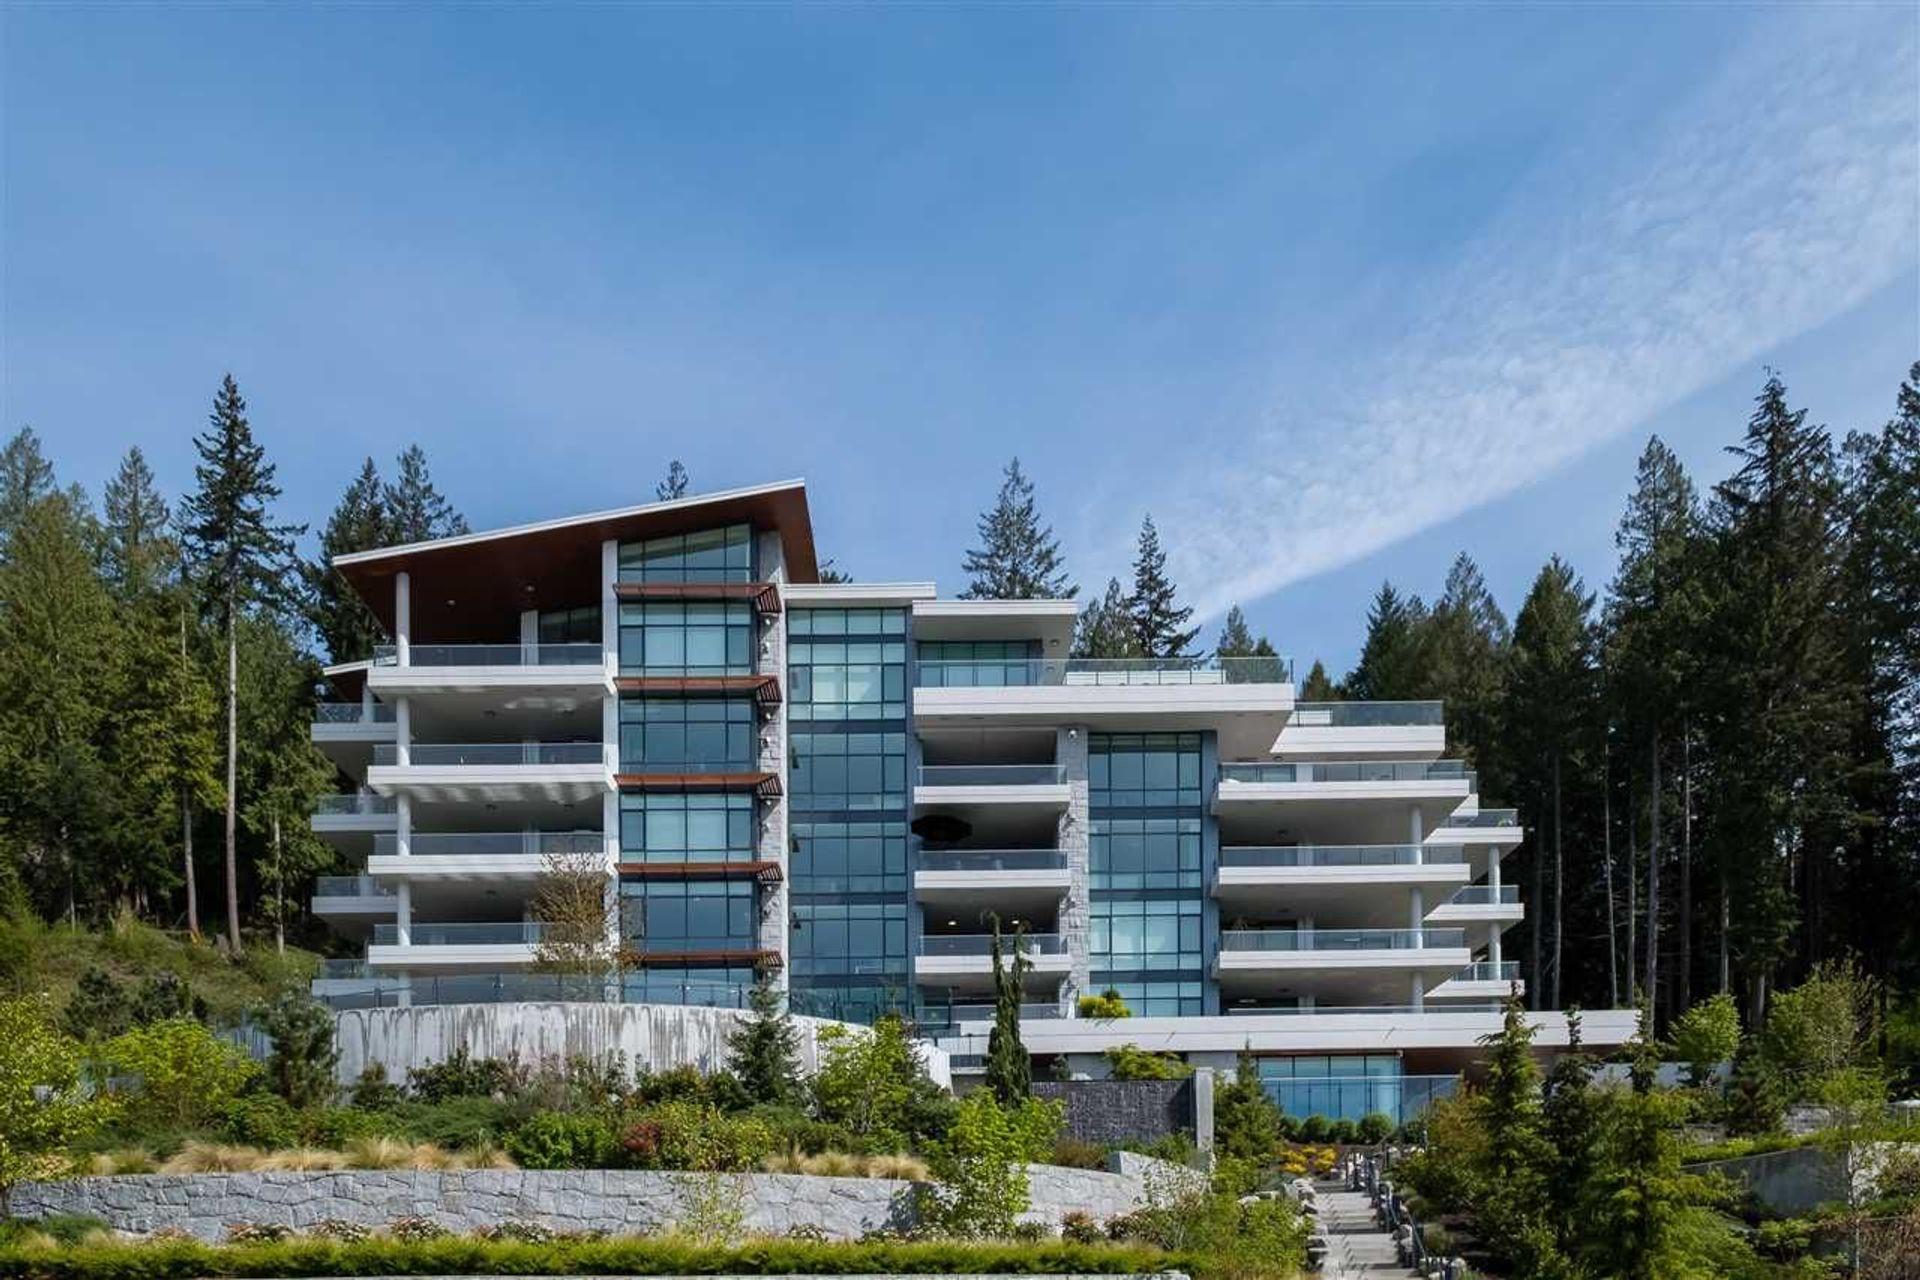 2958-burfield-place-cypress-park-estates-west-vancouver-32 at 302 - 2958 Burfield Place, Cypress Park Estates, West Vancouver